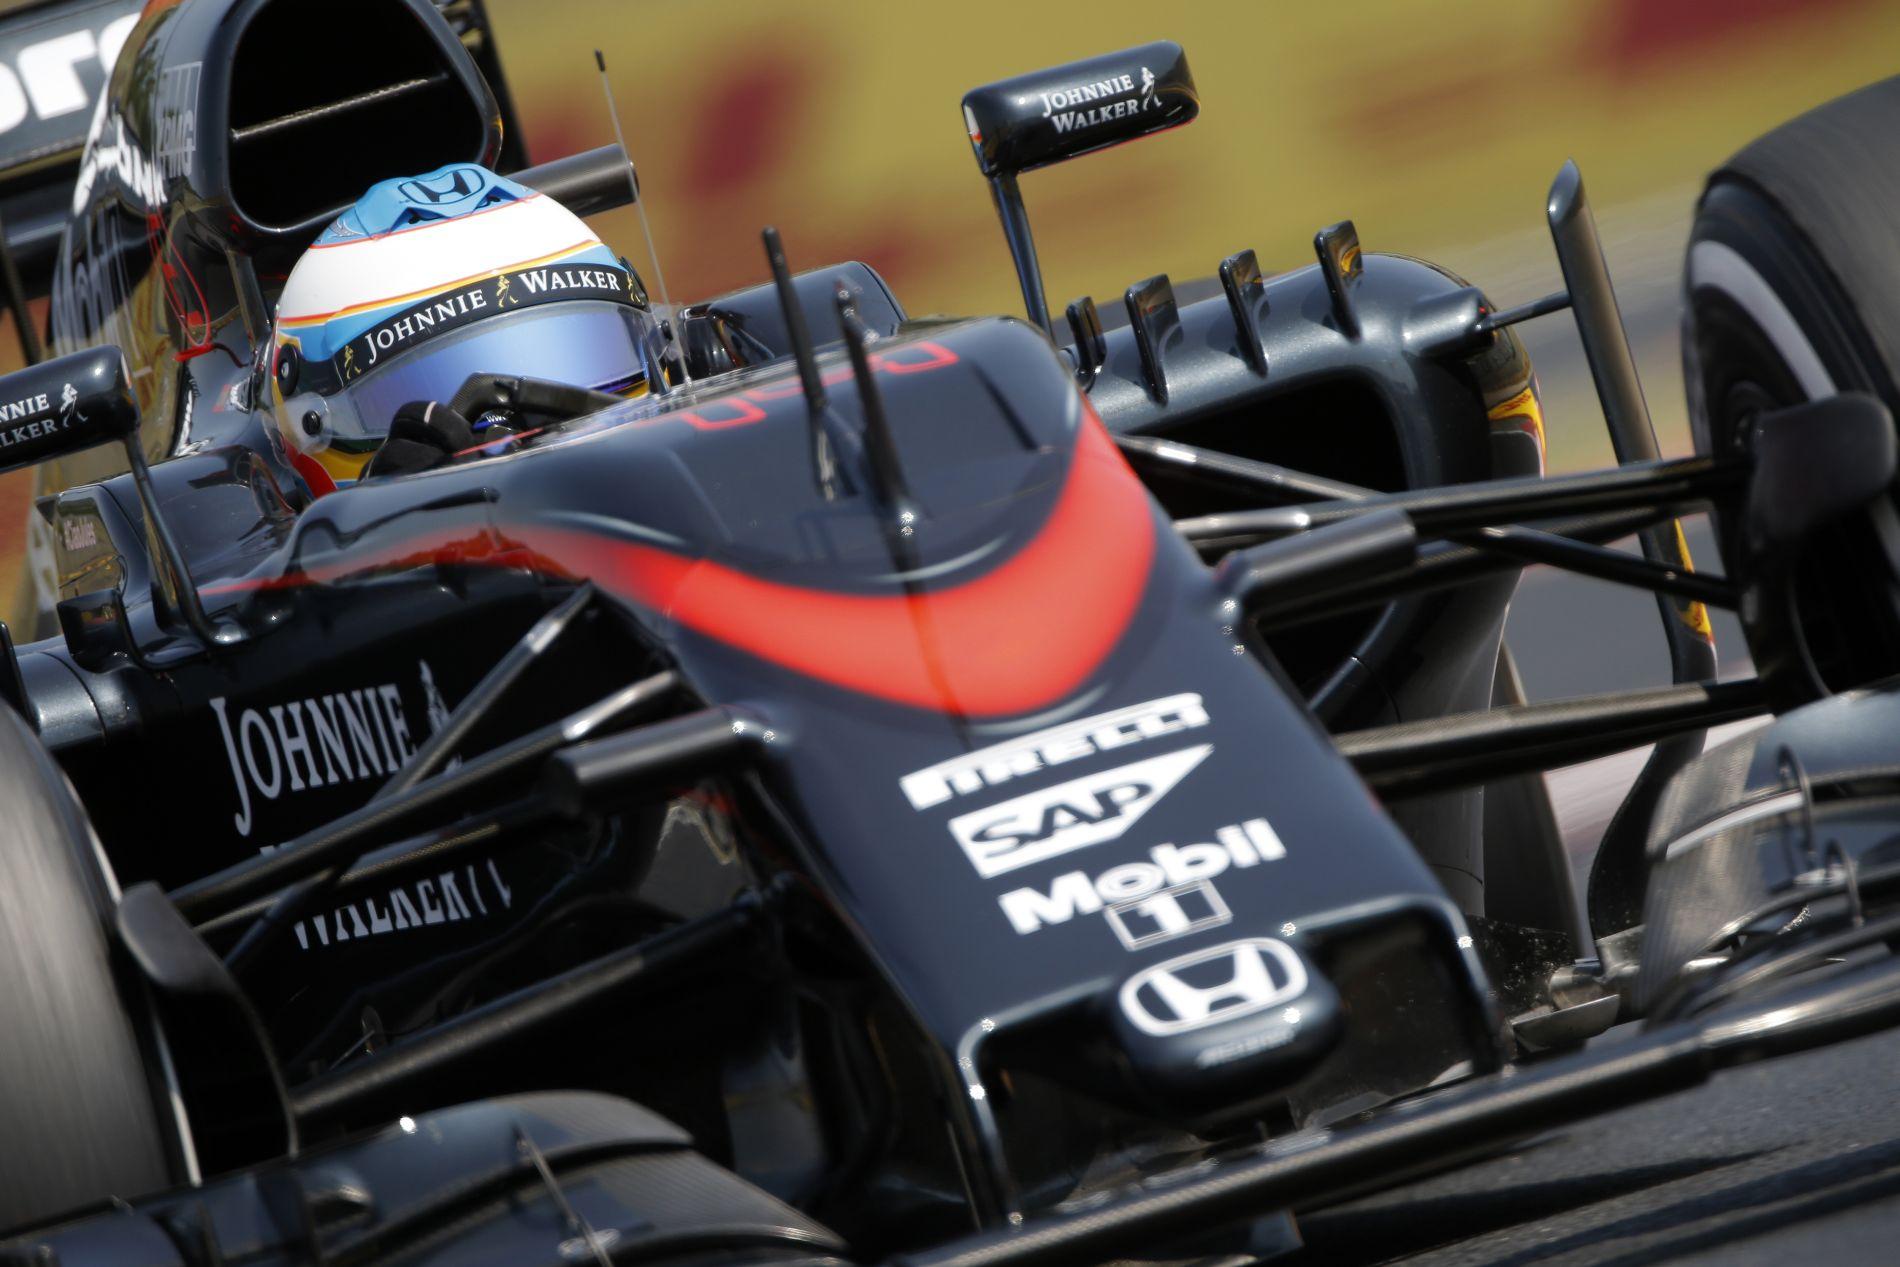 Ennyit változott a McLaren MP4-30 a Magyar GP-re: kozmetika a dupla pontszerzőn